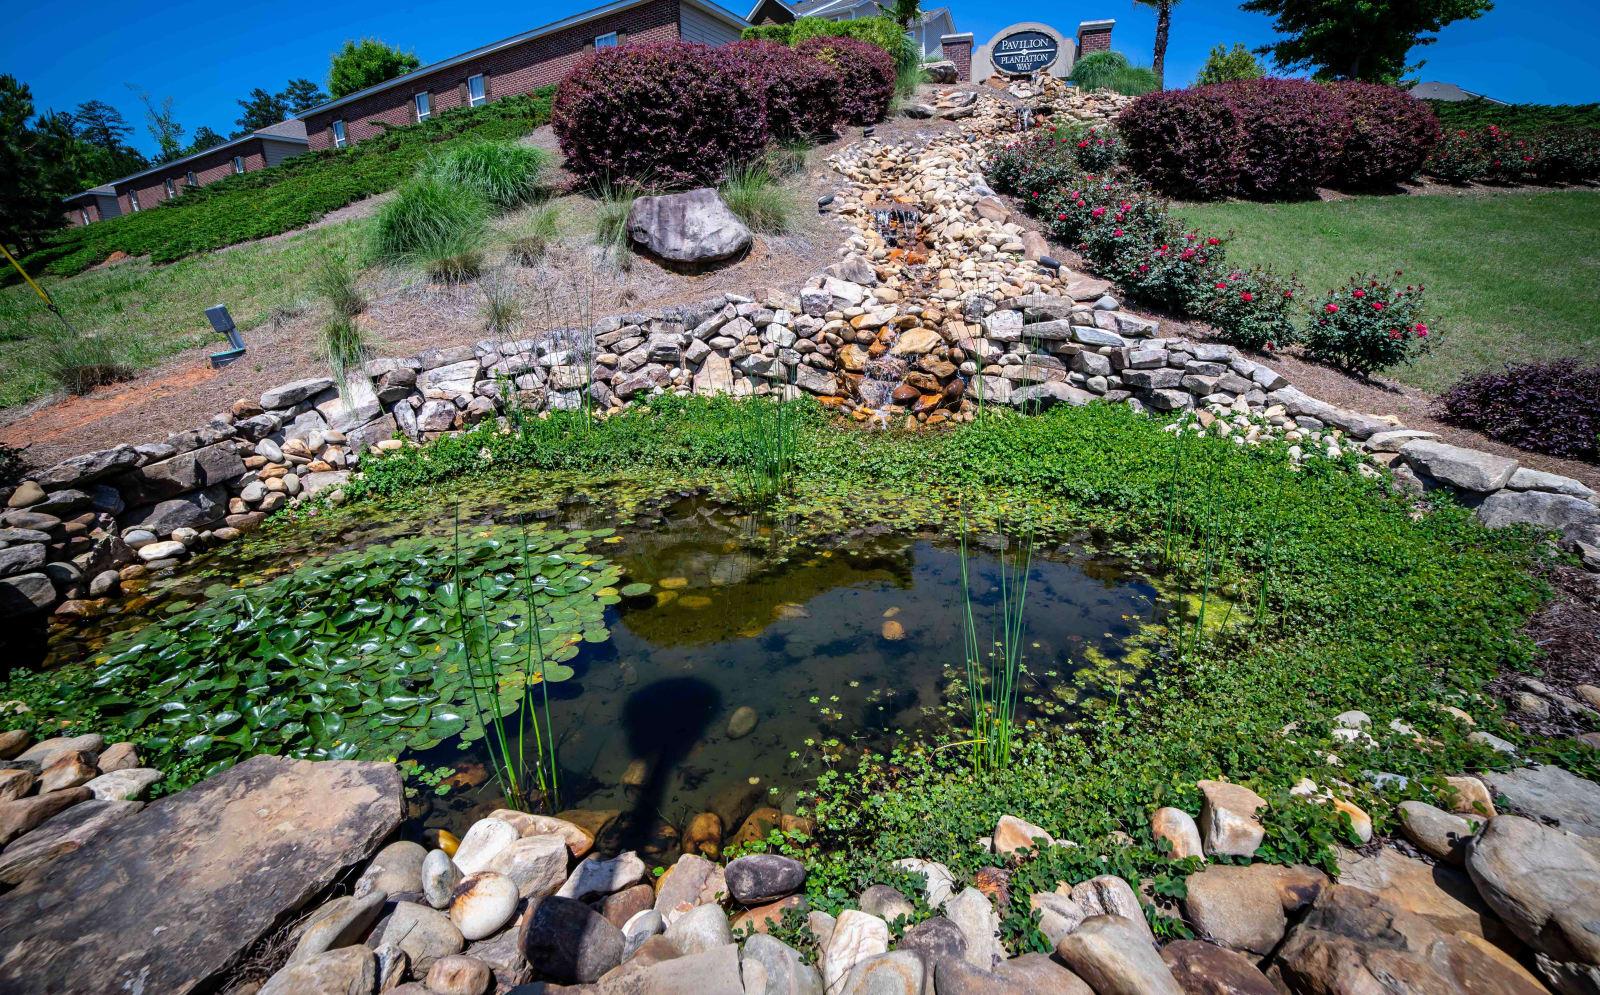 Lake view at Pavilion at Plantation Way in Macon, Georgia